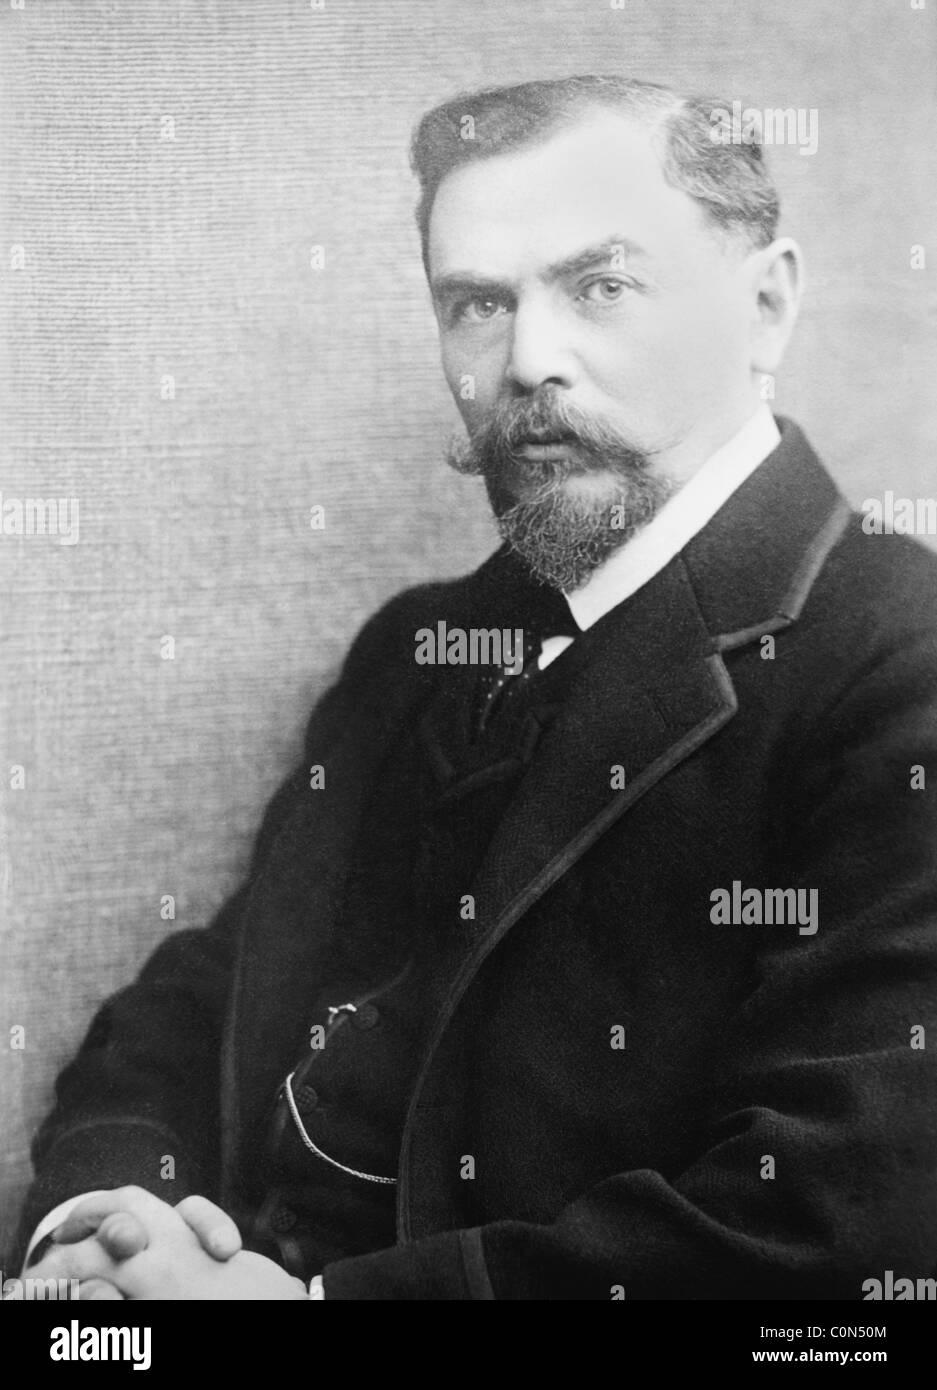 Österreichische jüdische Journalist und Pazifist Alfred Hermann Fried (1864-1921) - Co-Gewinner des Friedensnobelpreises Stockbild